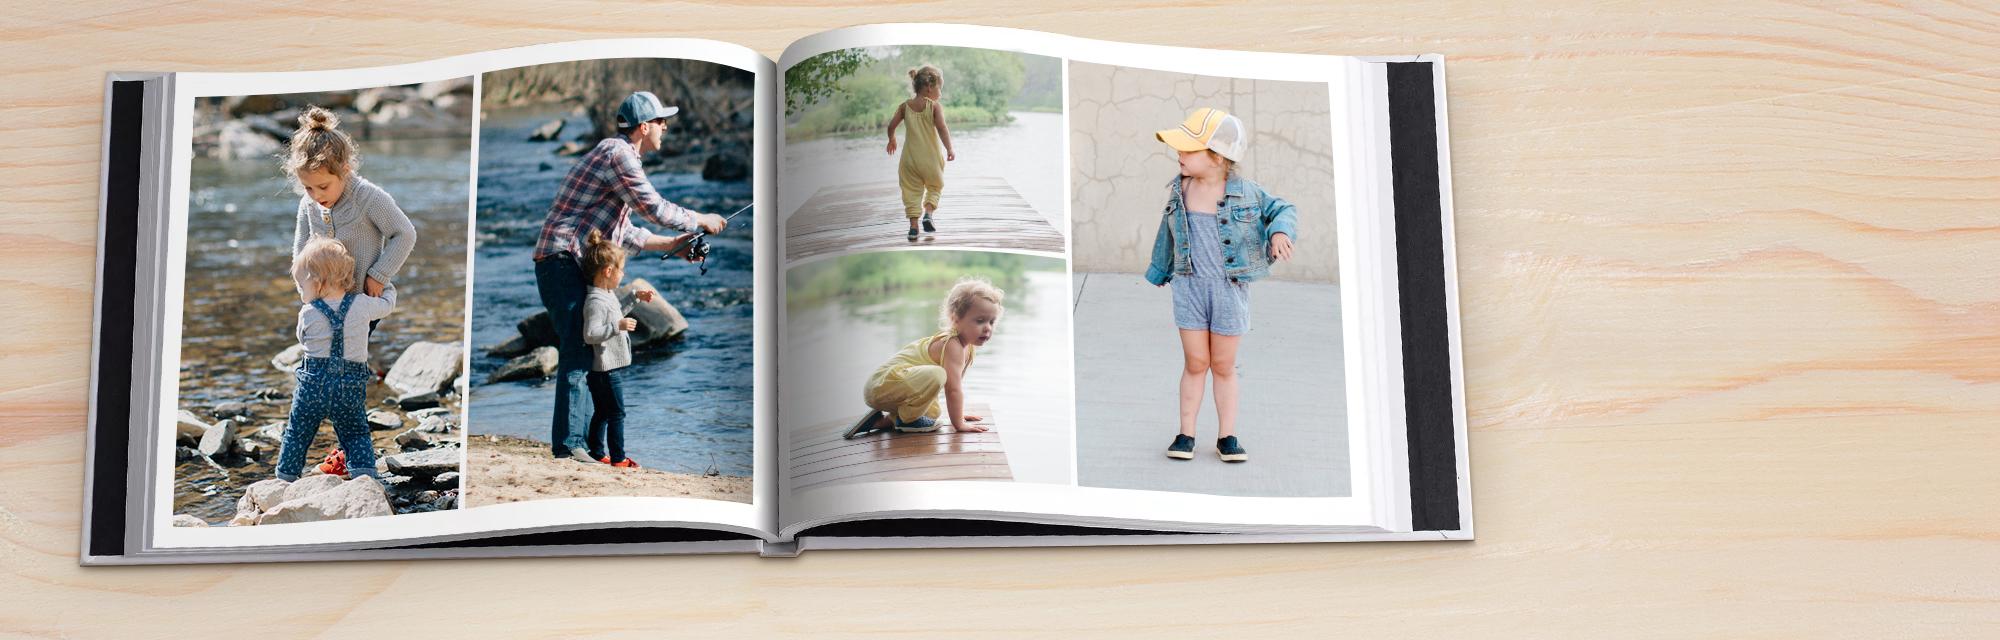 In un solo gesto : Scegli un design e seleziona Riempimento Automatico per aggiungere tutte le tue foto in un solo gesto.